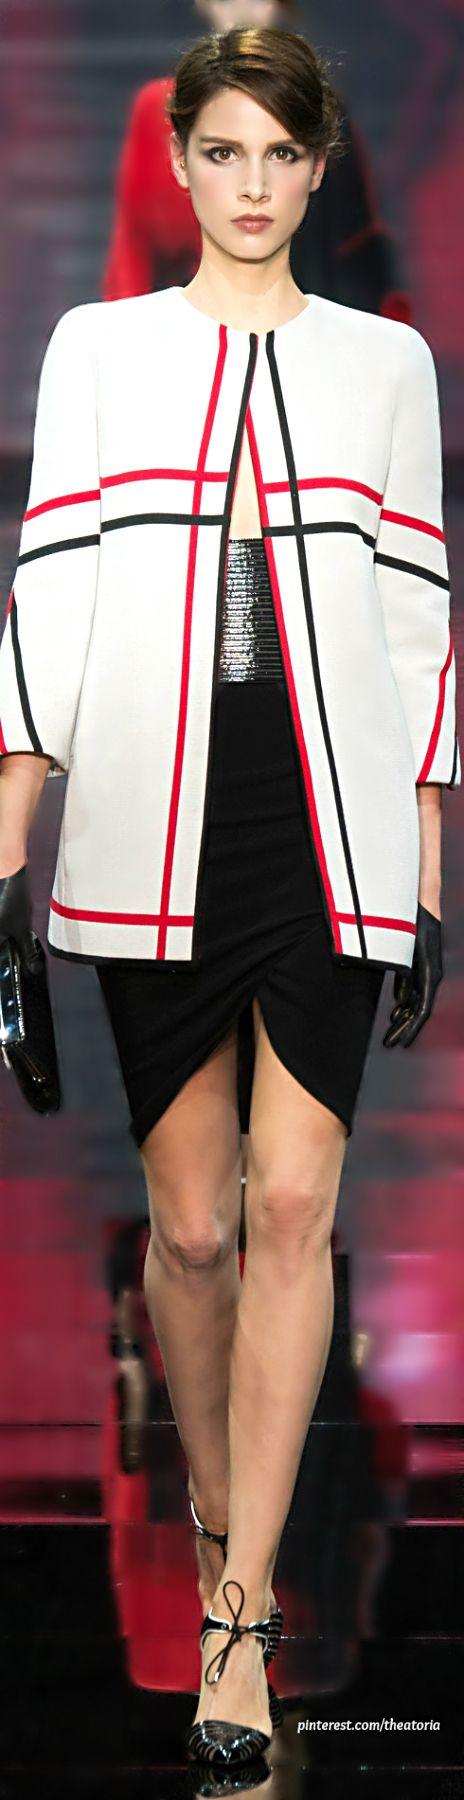 Farb-und Stilberatung mit www.farben-reich.com - Giorgio Armani Privé ● Haute Couture Fall Winter 2014-15 Beautifuls.com Members VIP Fashion Club 40-80% Off Luxury Fashion Brands